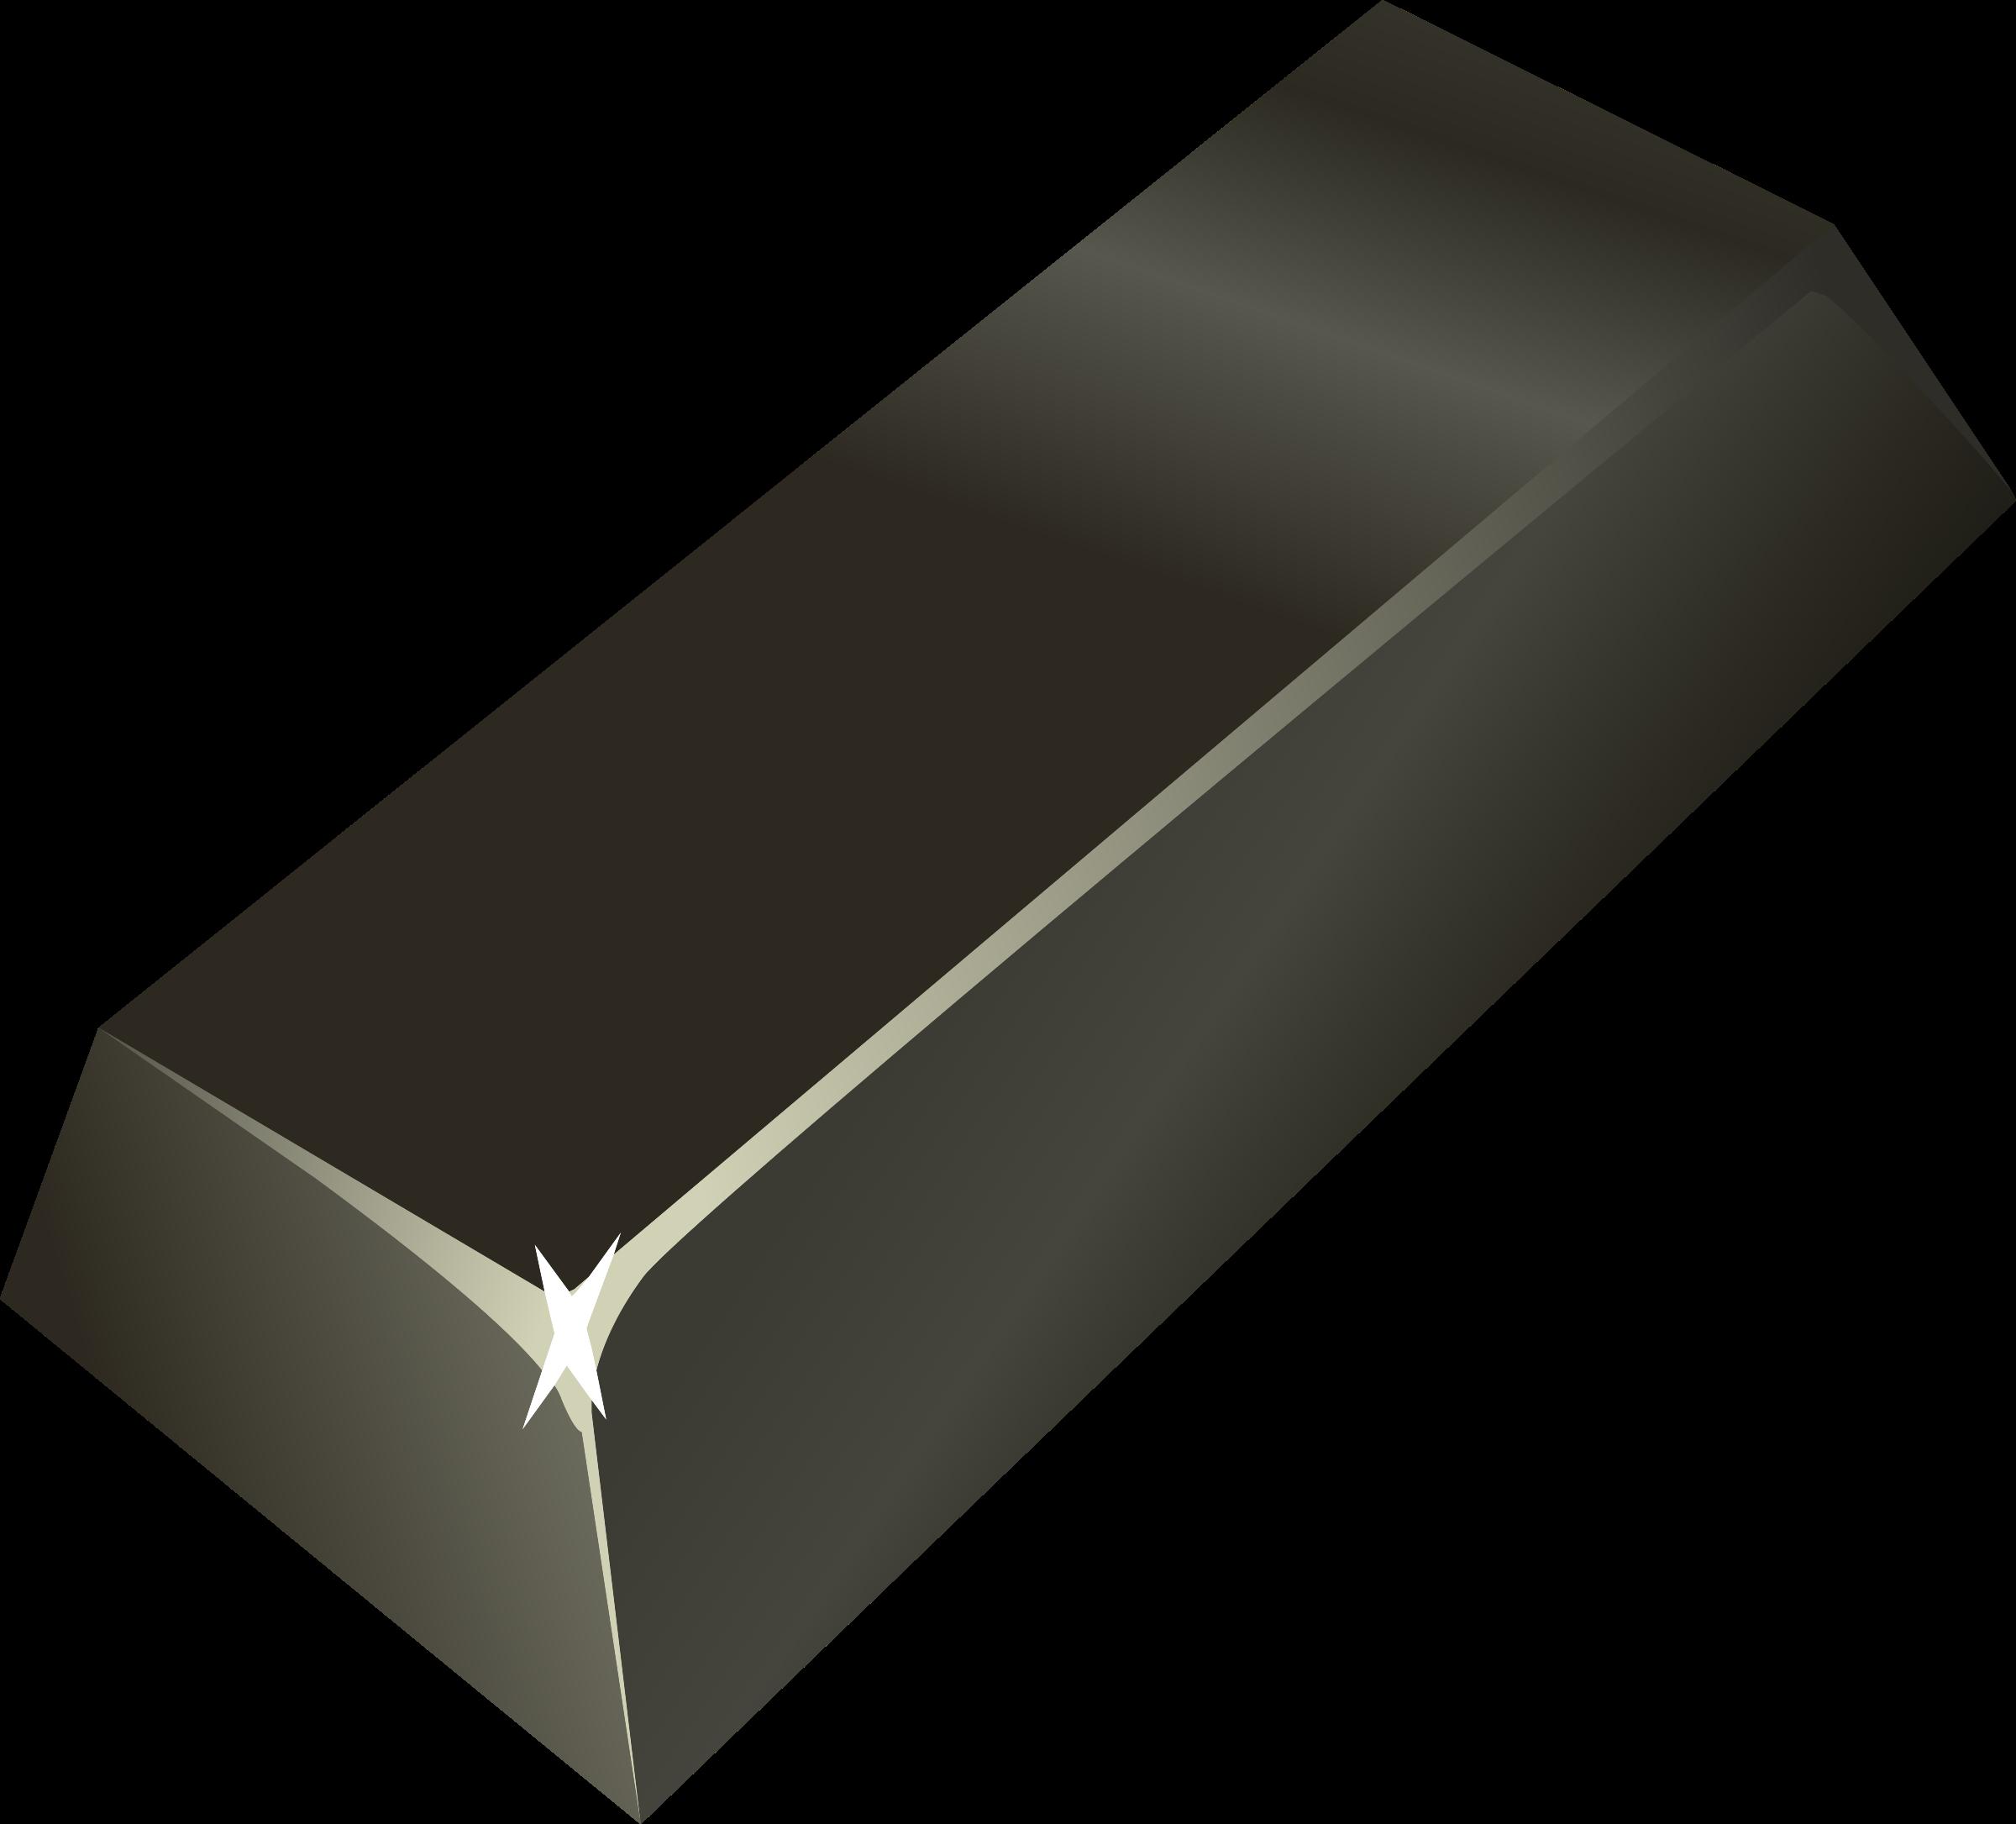 Clipart - Misc Plain Metal